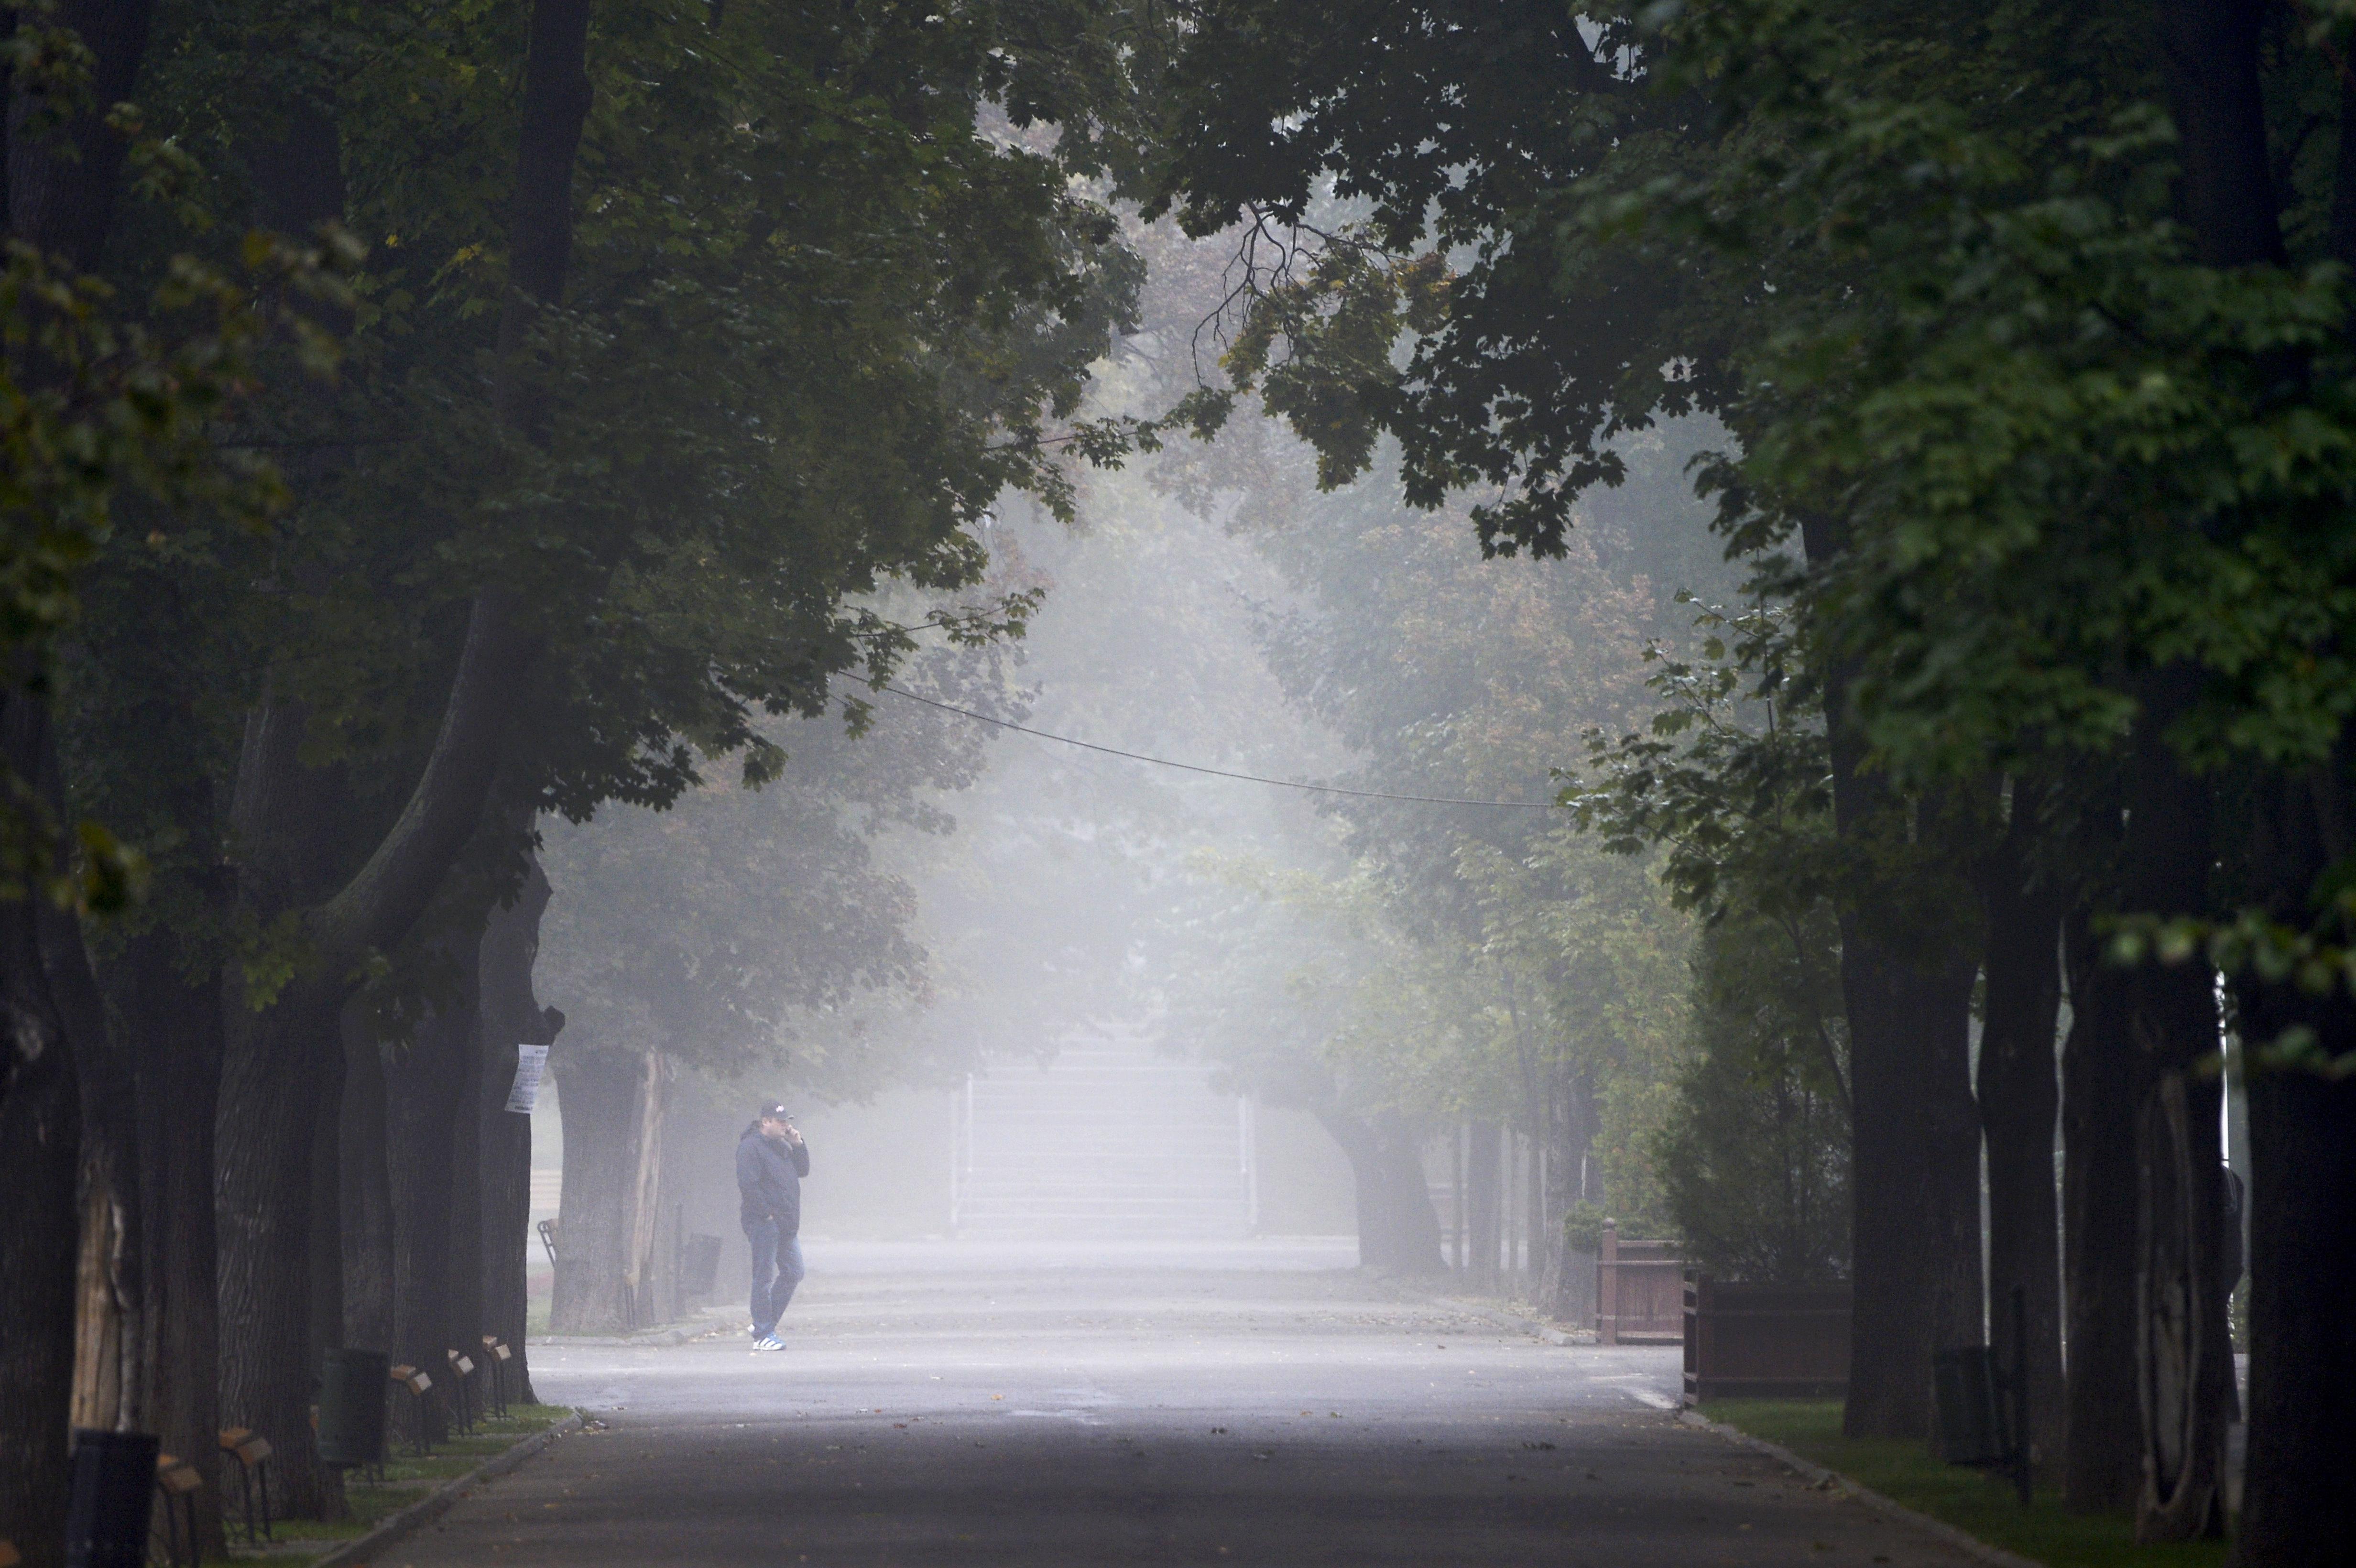 Cod galben de ceaţă în zece judeţe/ Ceaţă densă şi pe autostrăzile A2 şi A4